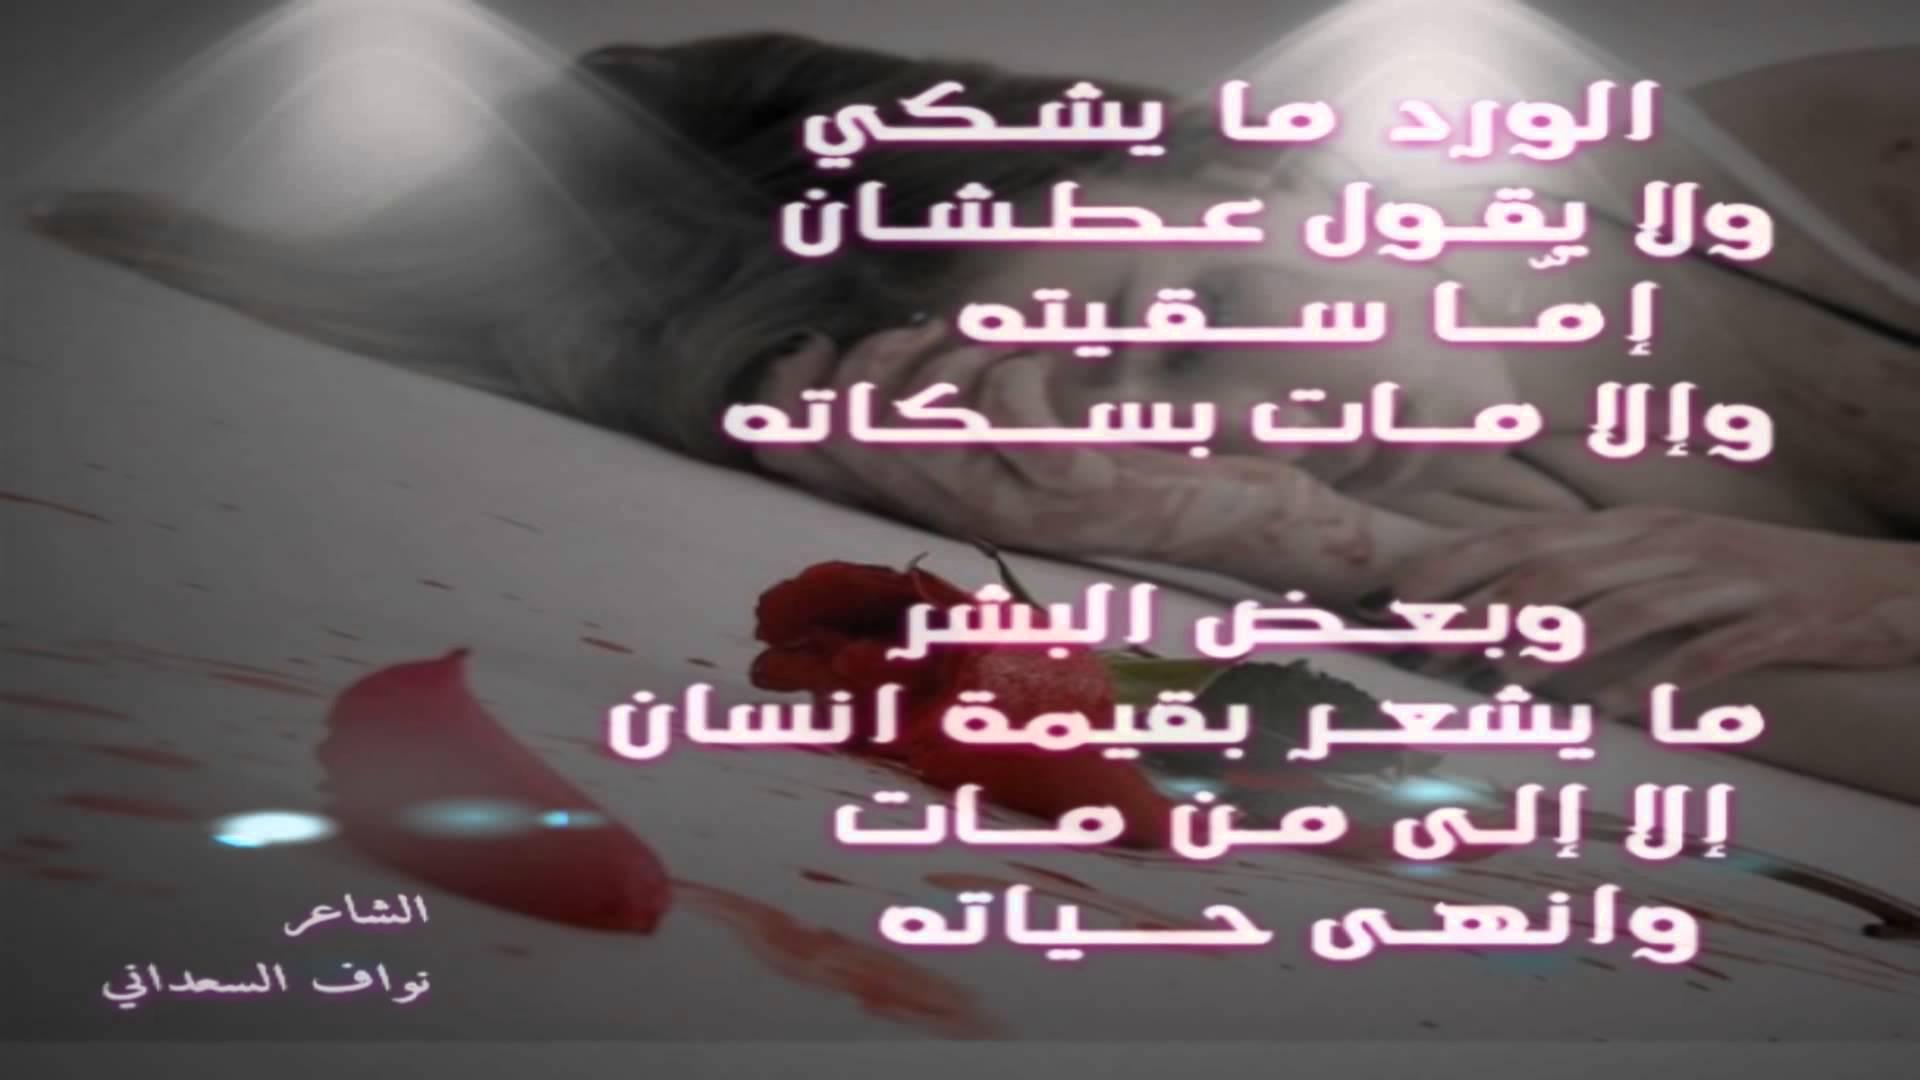 بالصور حكم عن الورد , اجمل الكلمات عن الورد 2437 8